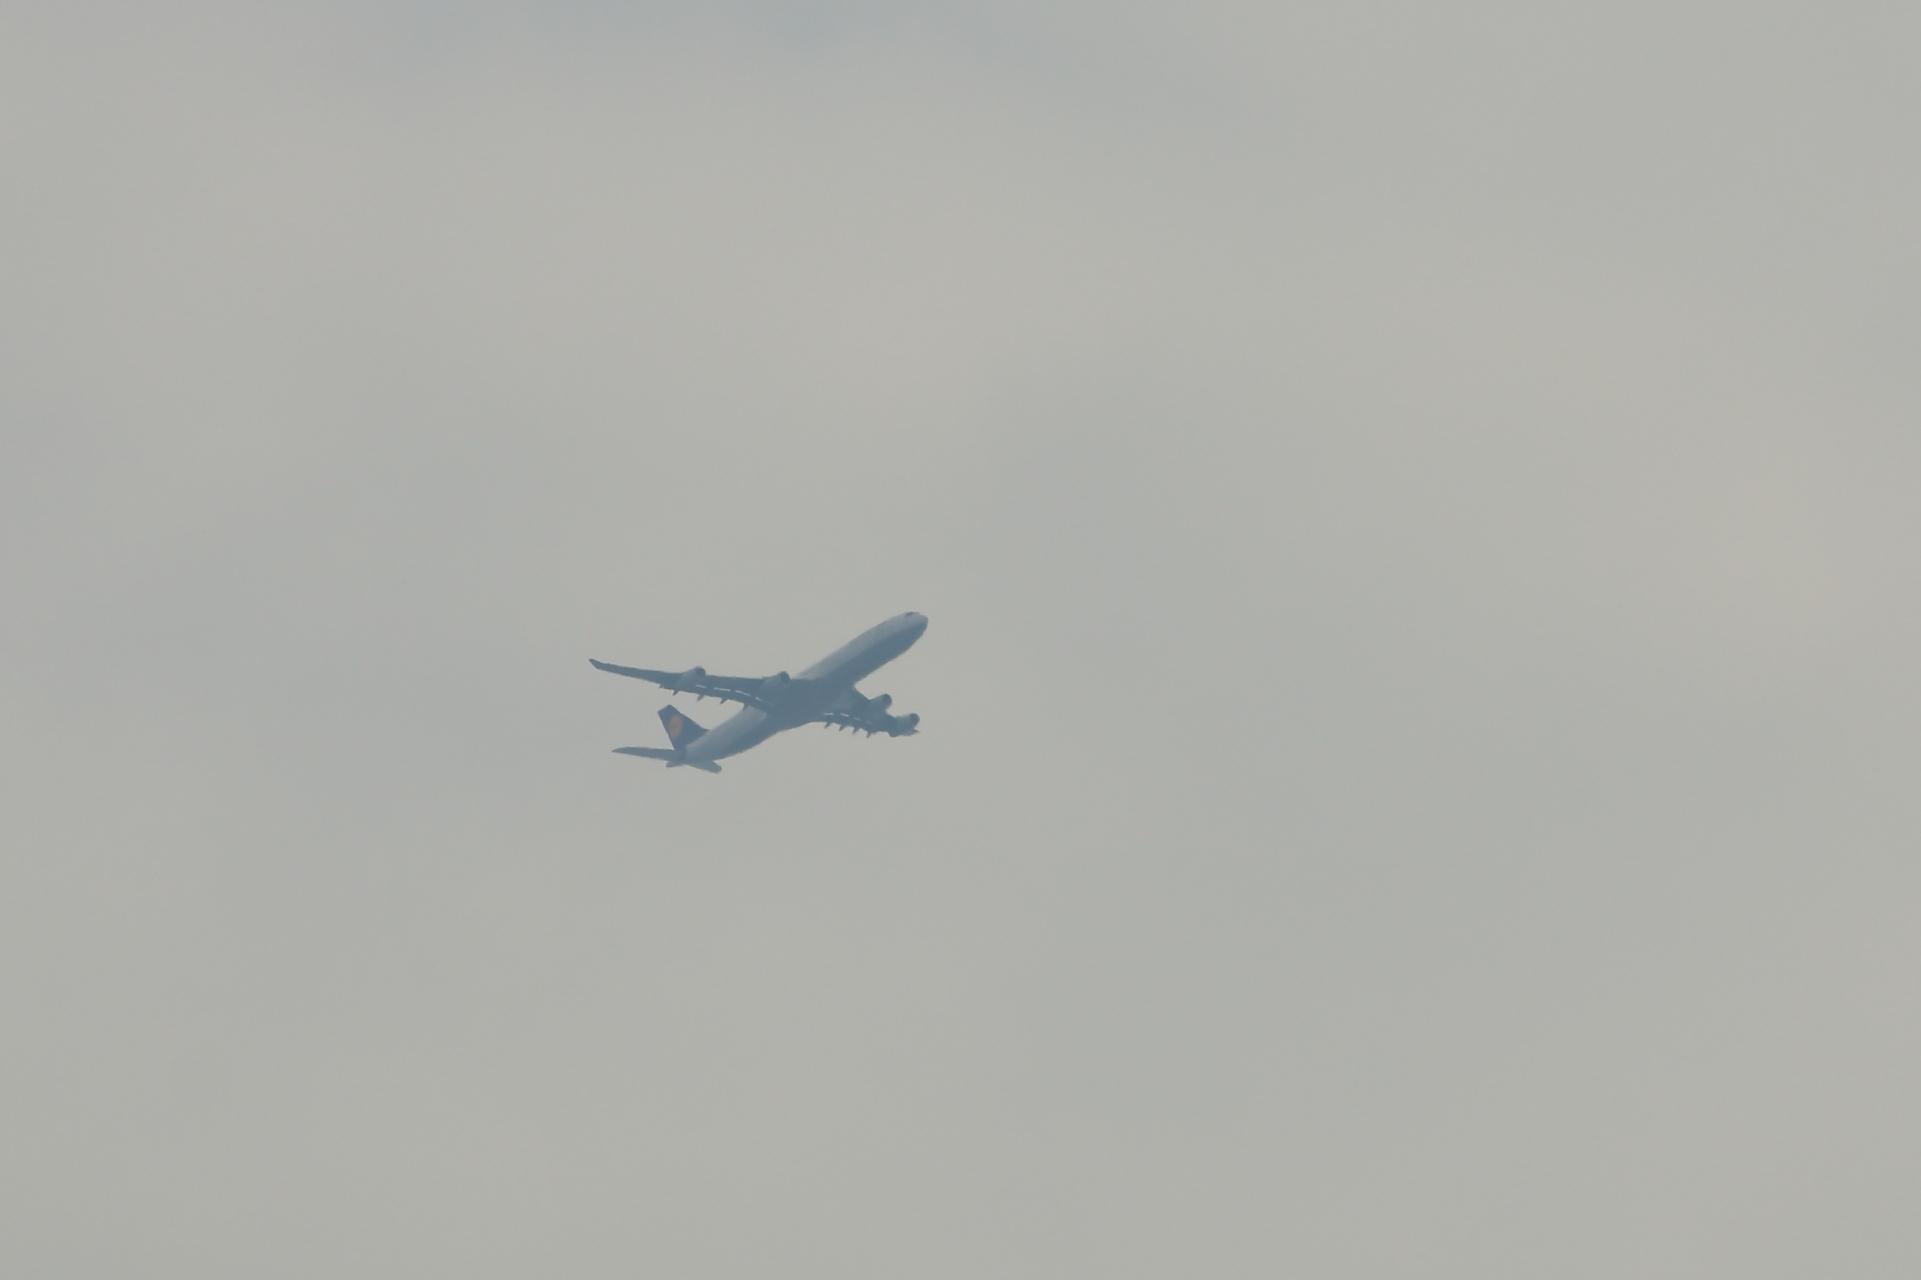 ルフトハンザ A340